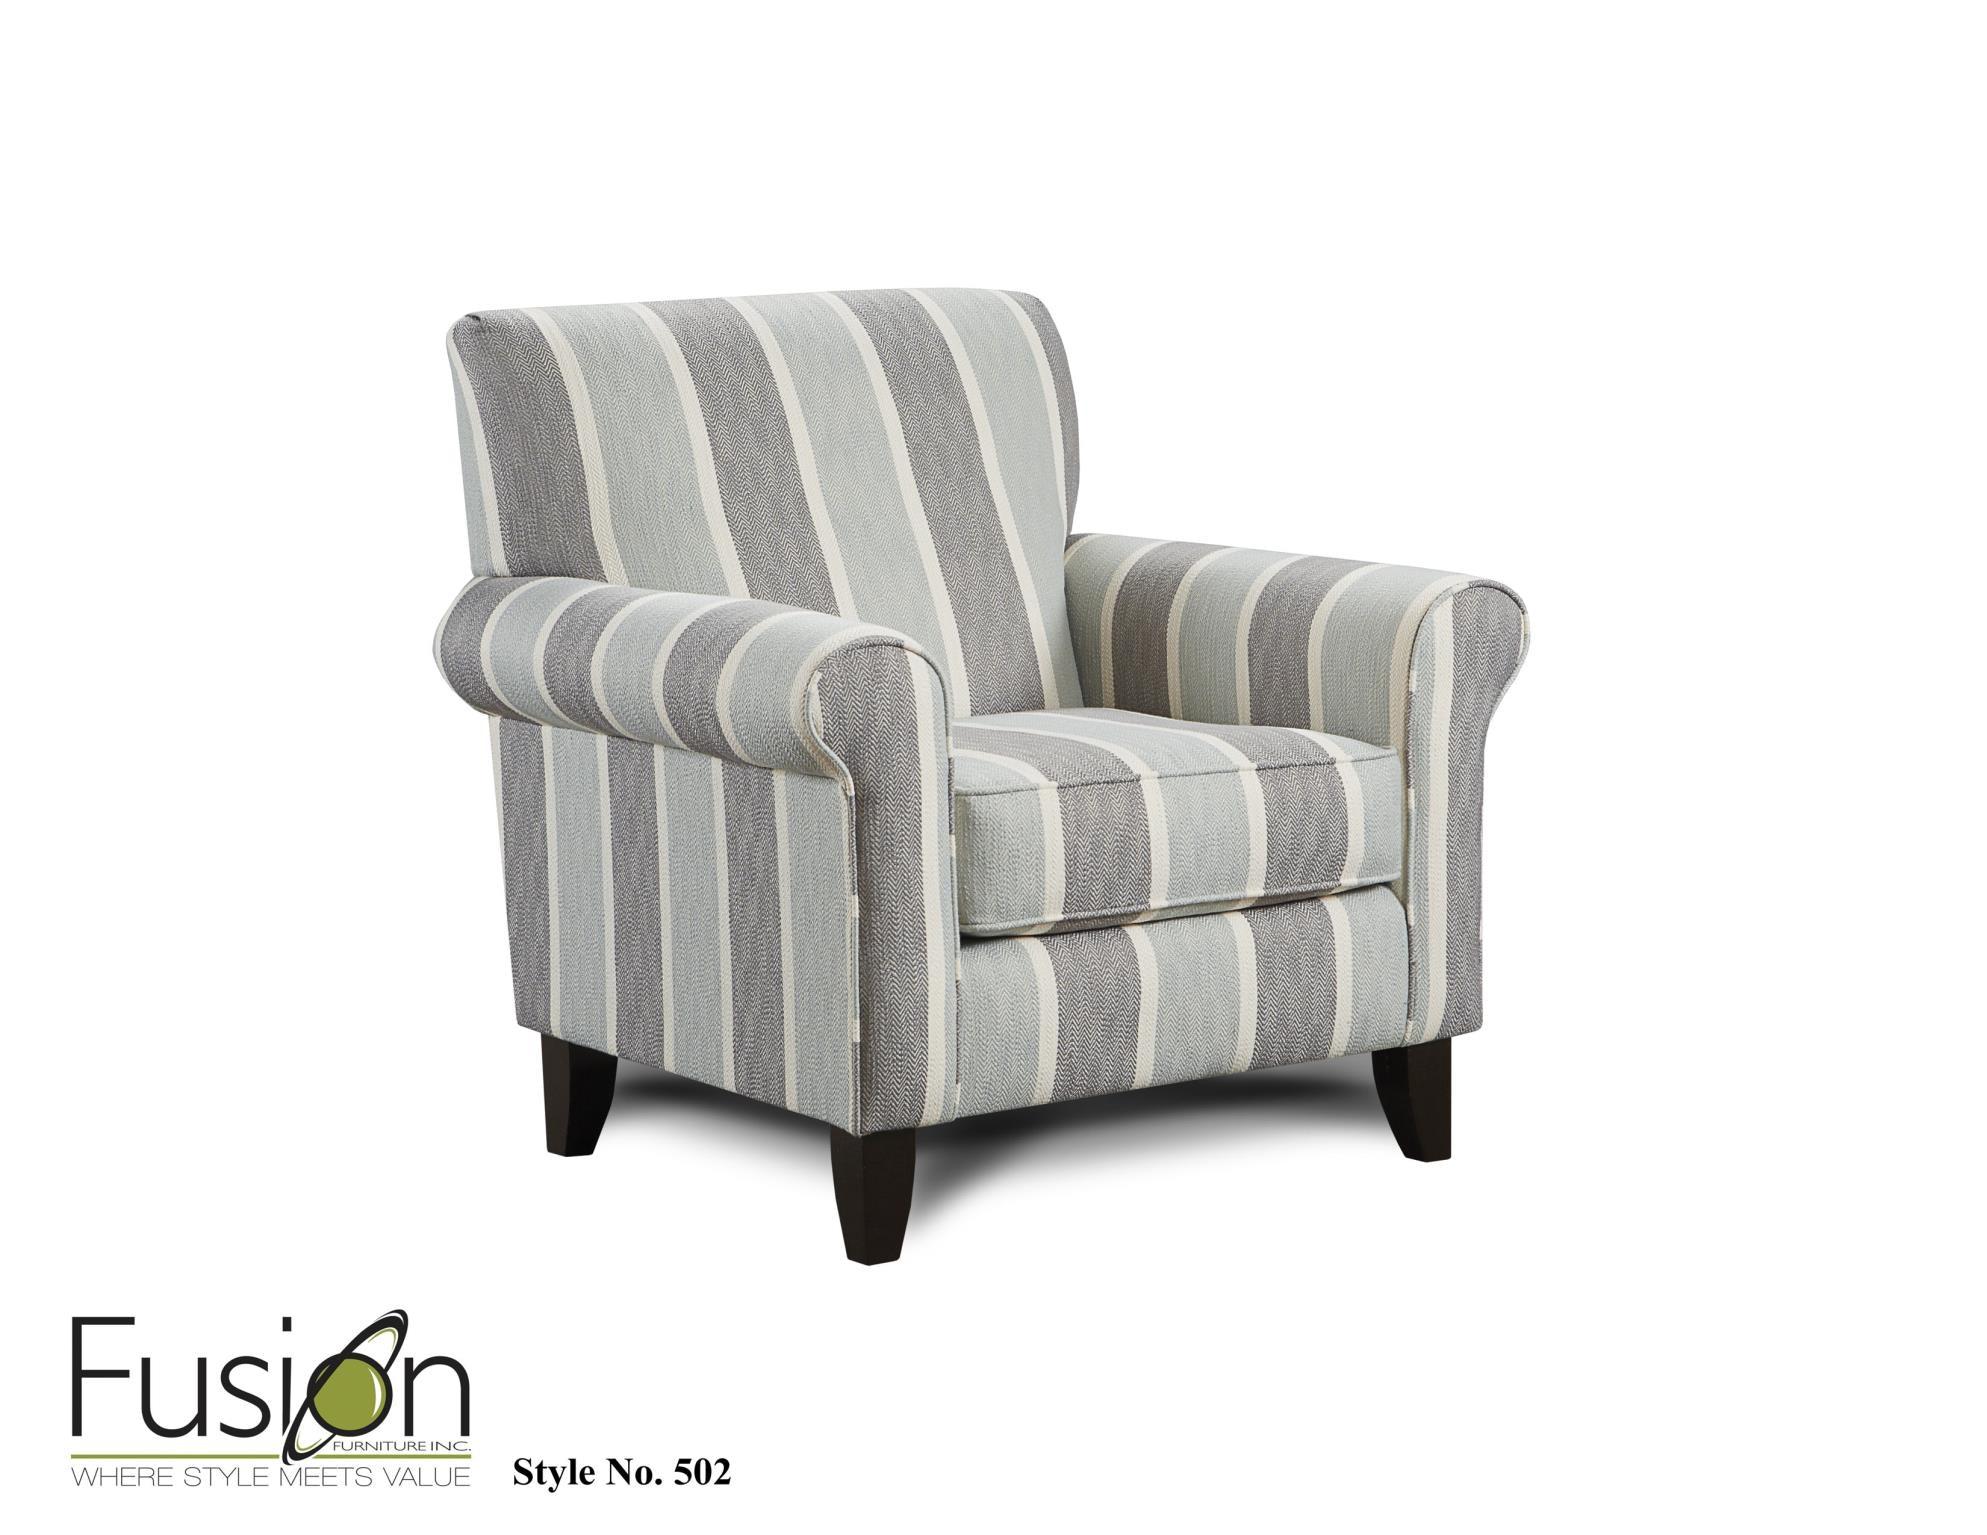 Fusion Chair 502LIFES A BEACH MIST